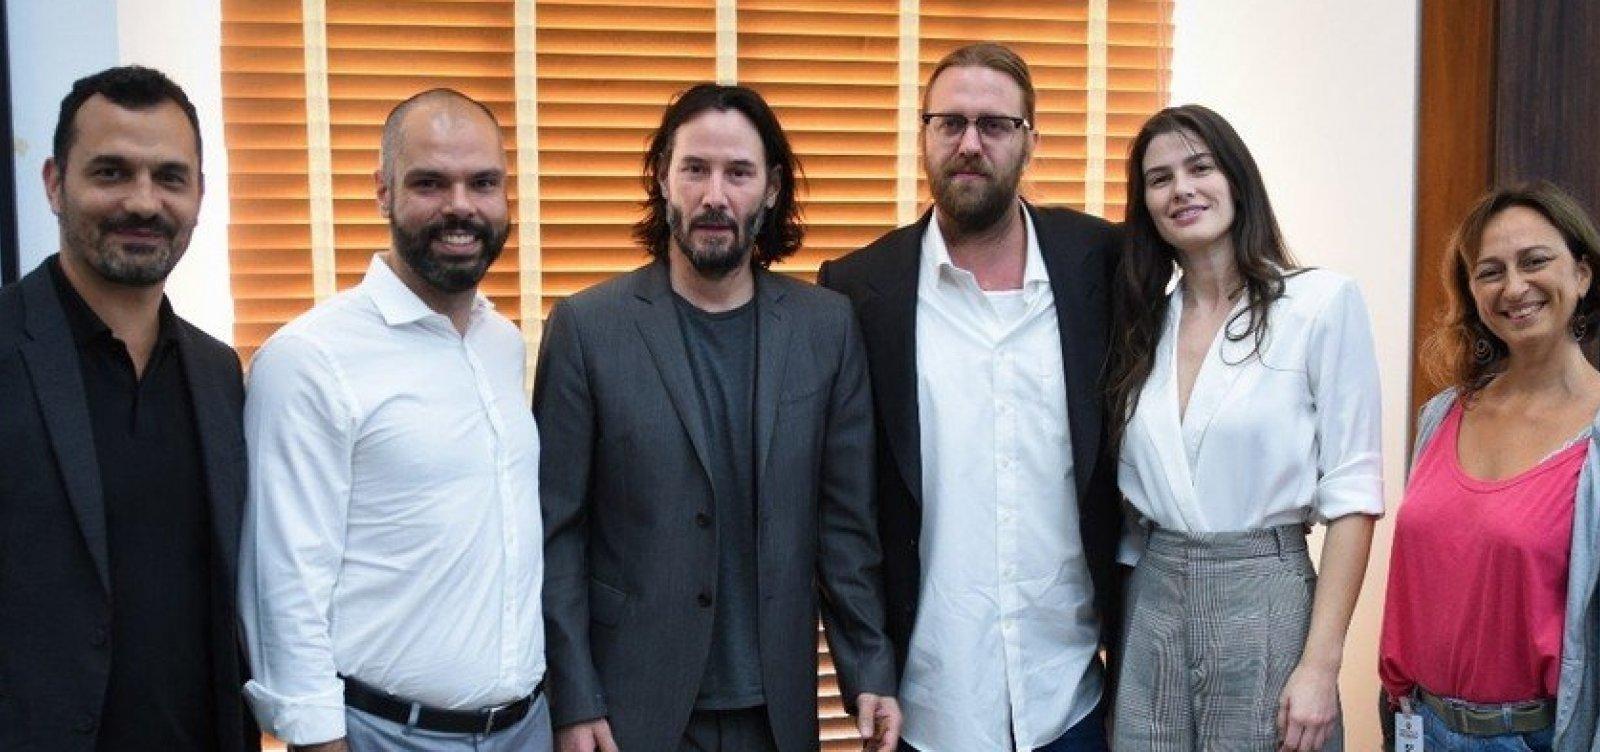 Keanu Reeves vem a São Paulo pedir apoio para gravar série